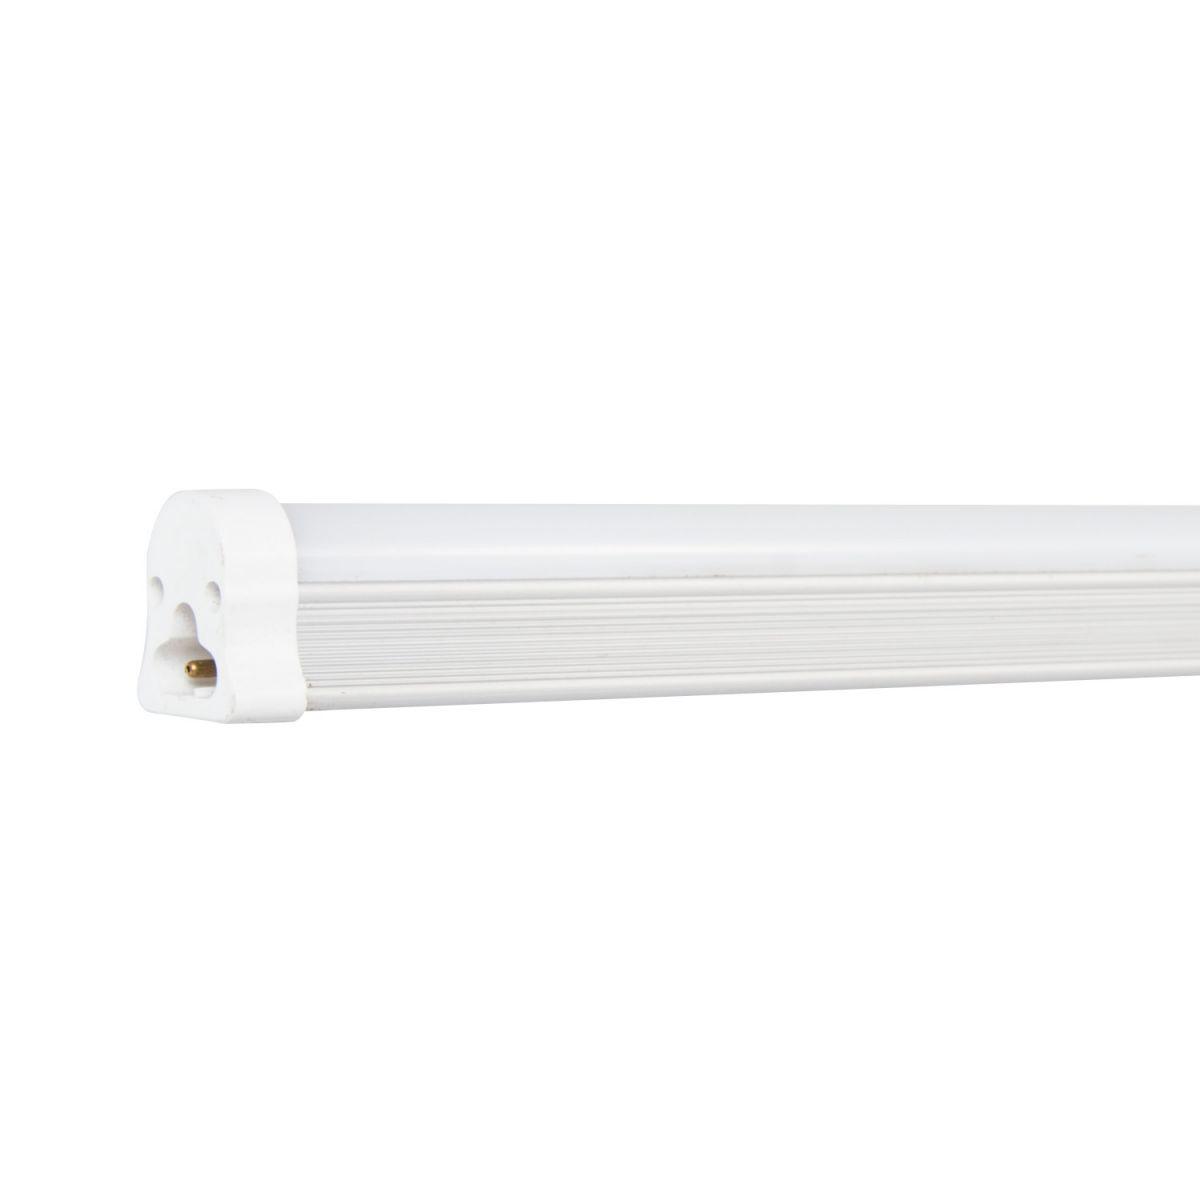 Đèn tuýp rạng đông LED TUBE T5 115 16W